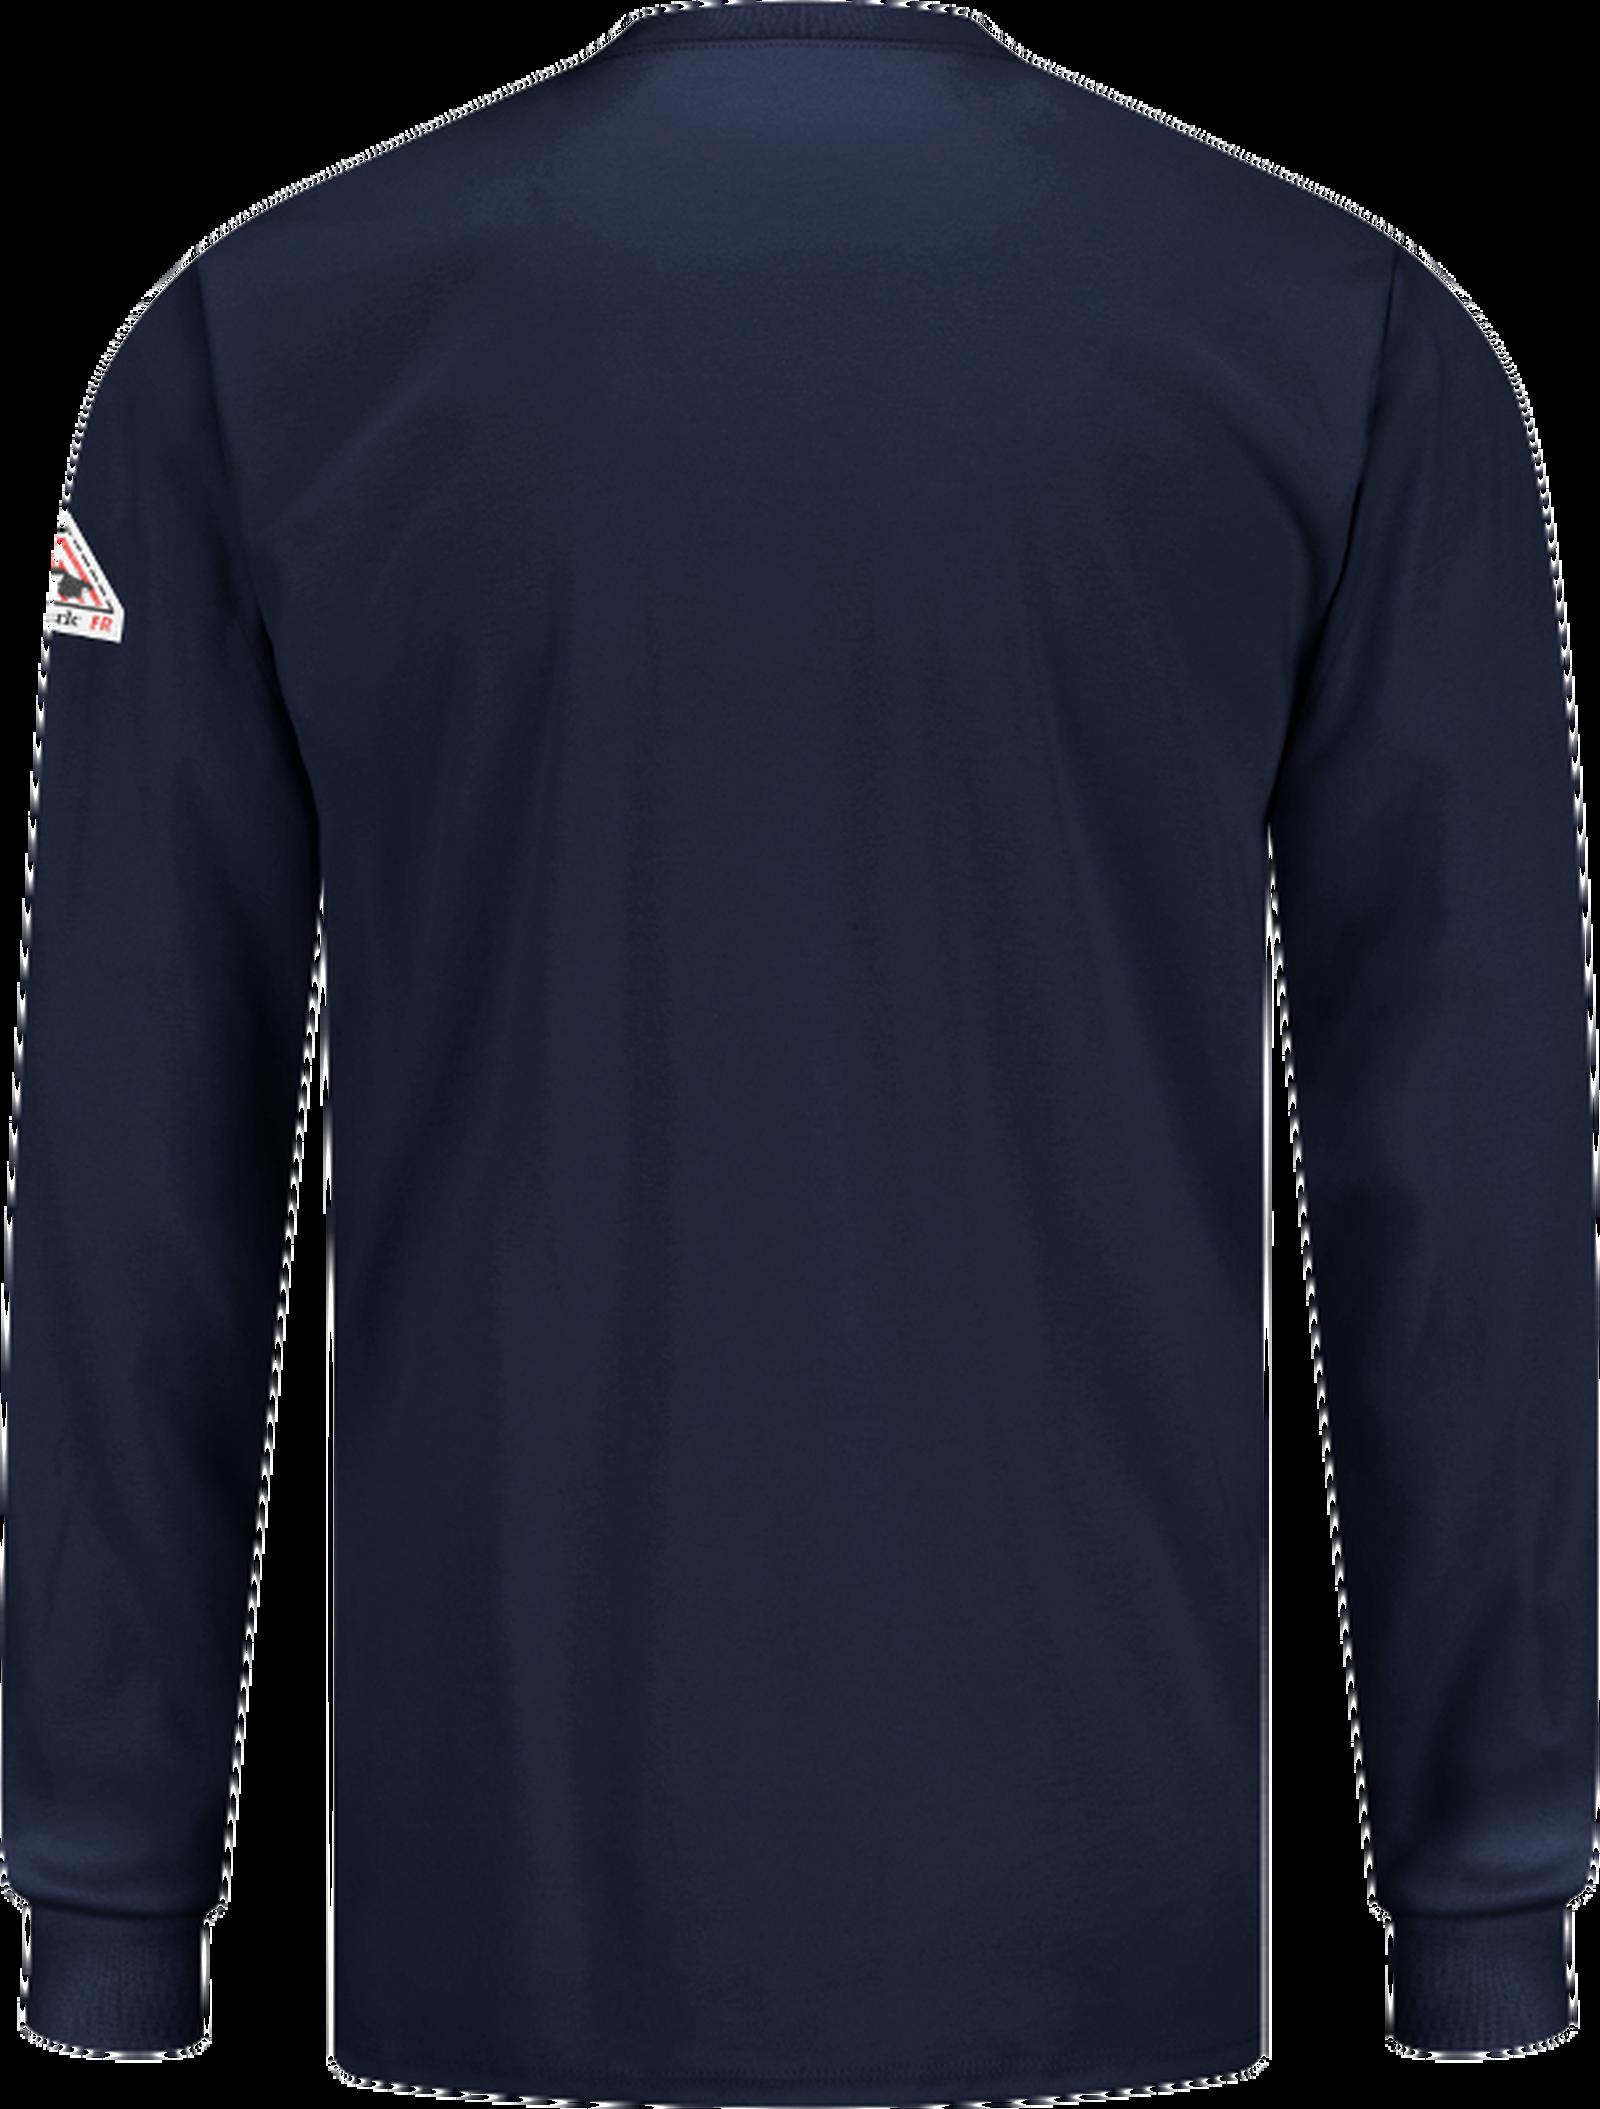 Men's Lightweight FR Long Sleeve Tagless T-Shirt